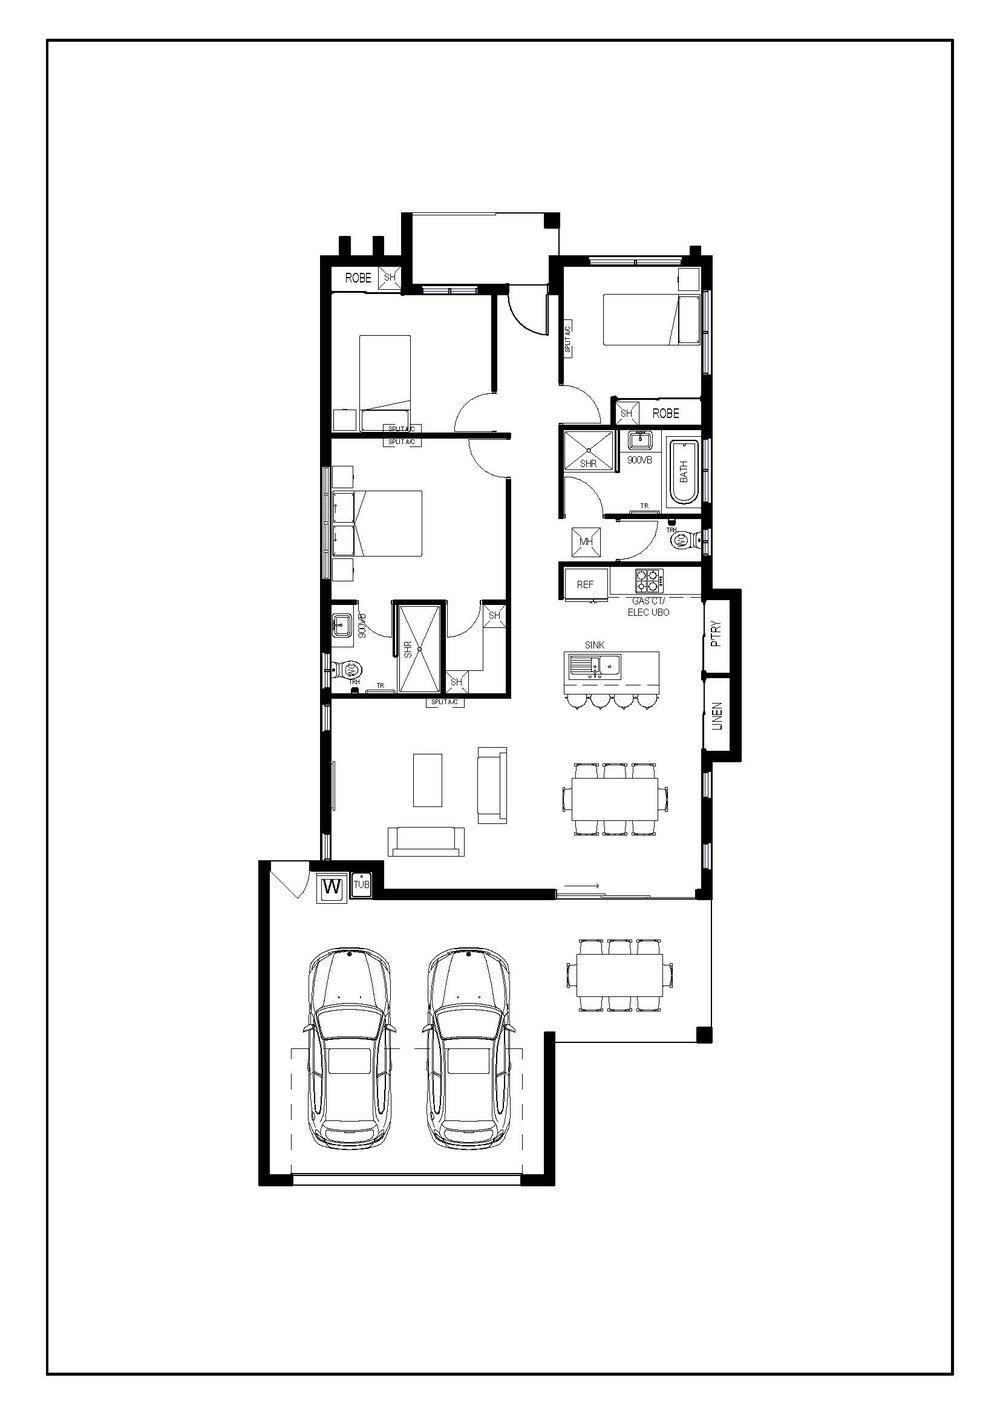 Flutz C - Floor Plan.jpg